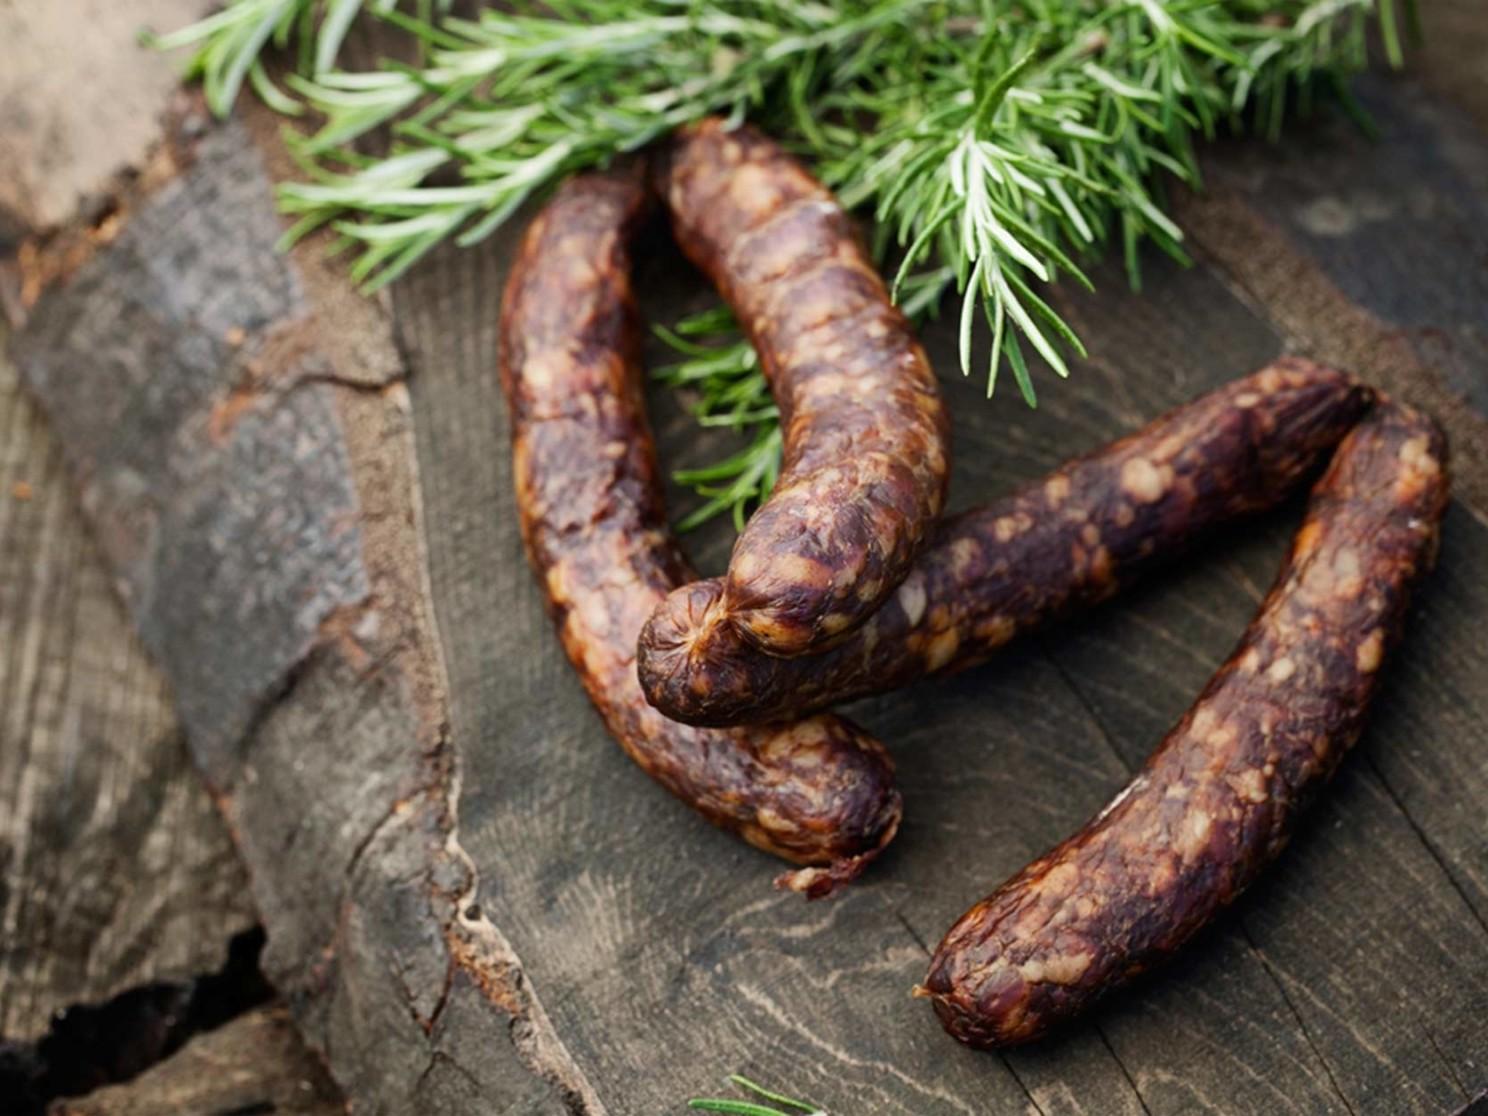 Vente en direct de la salaison familiale. Charcuterie artisanale, saucisson, saucisse, diot, jambon, de Haute-Savoie & viande de qualité supérieure en ligne.